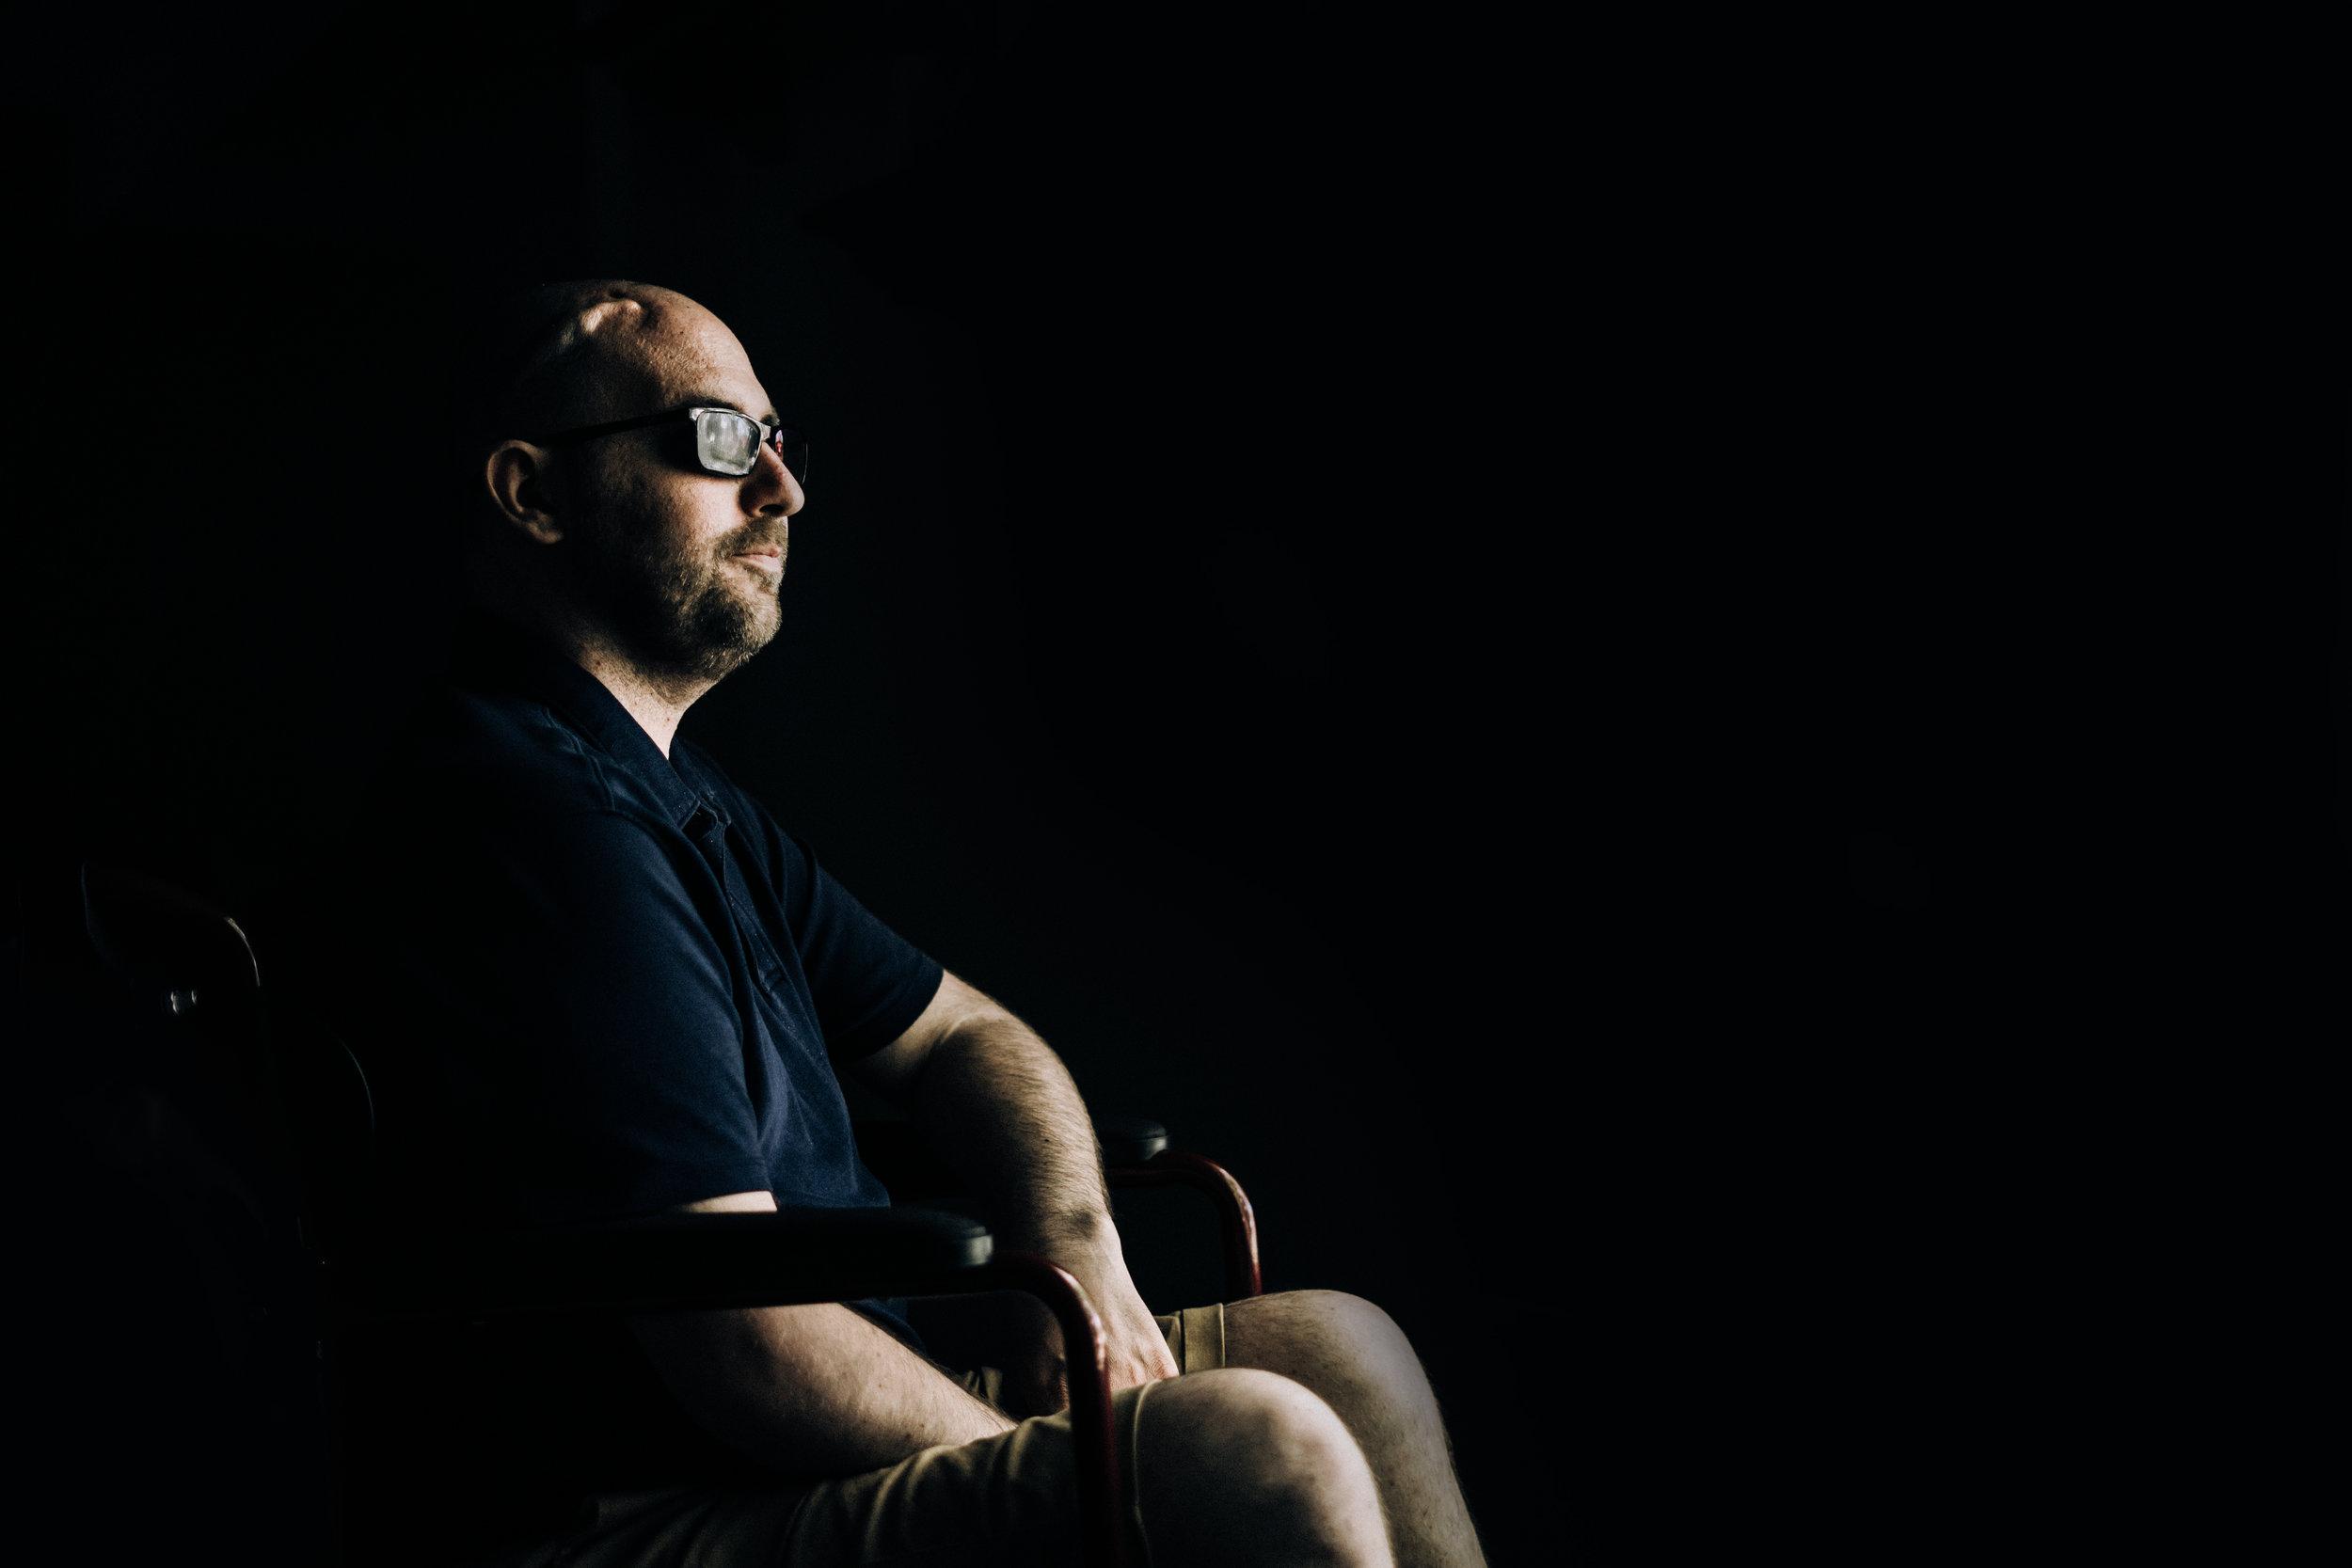 Dan-coghlan-terminally-ill-photographs-brain-cancer-man-in-wheelchair.jpg